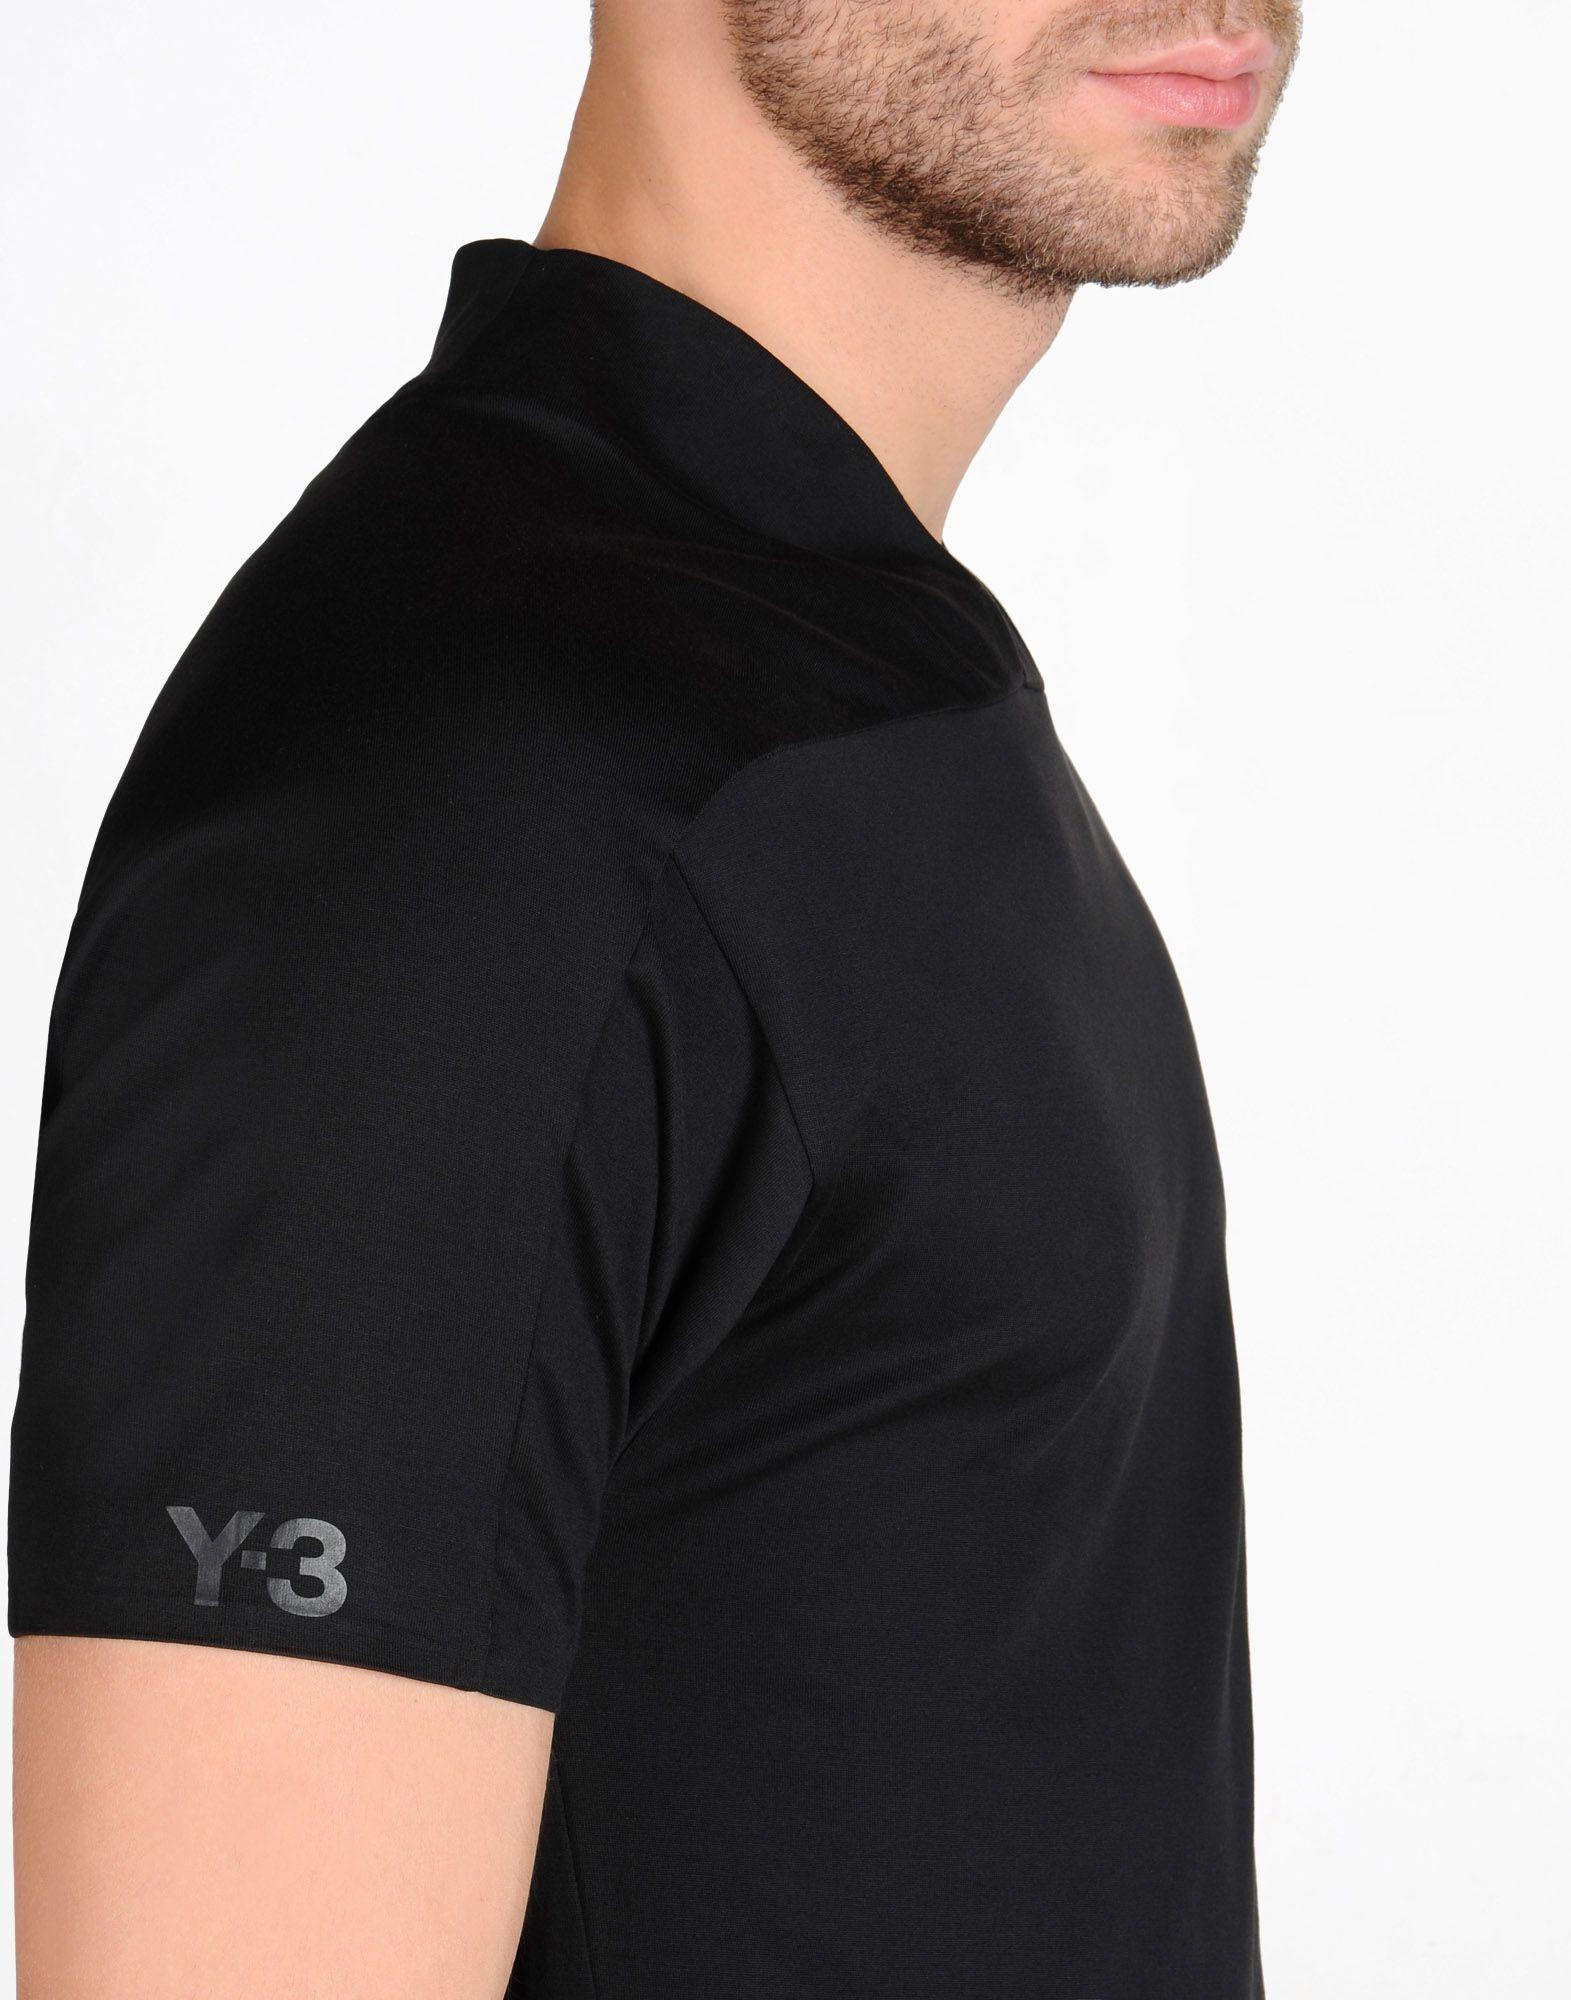 Y-3 BASIC V-NECK TEES & POLOS unisex Y-3 adidas